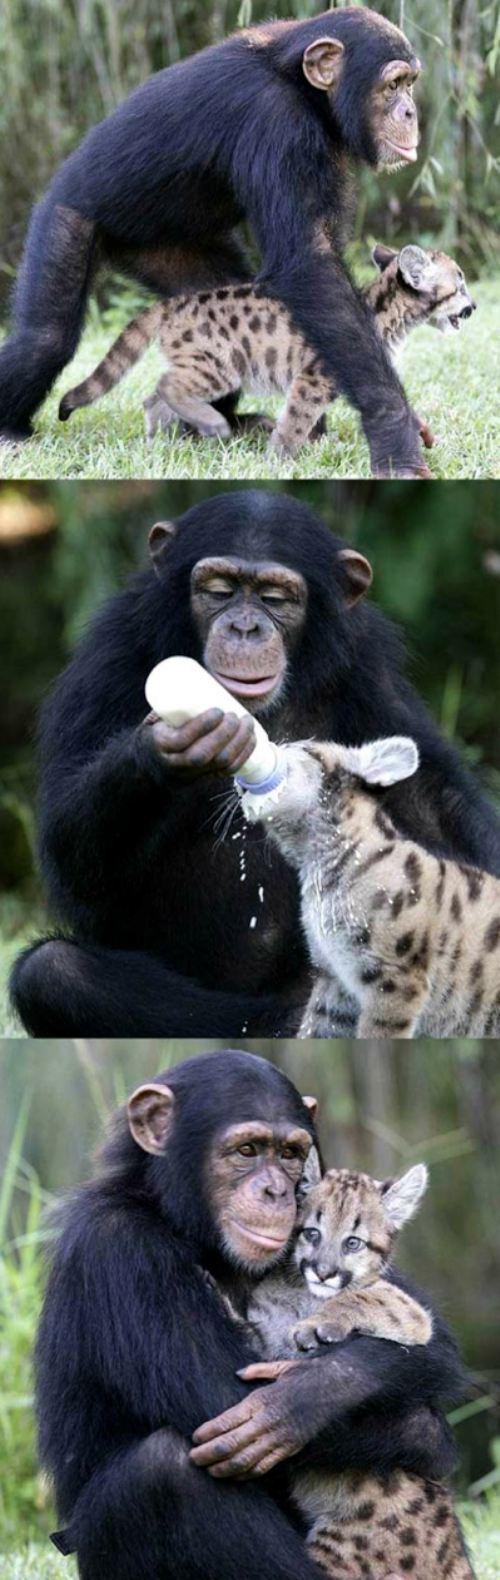 Baby chimp and cheetah. So adorable!!